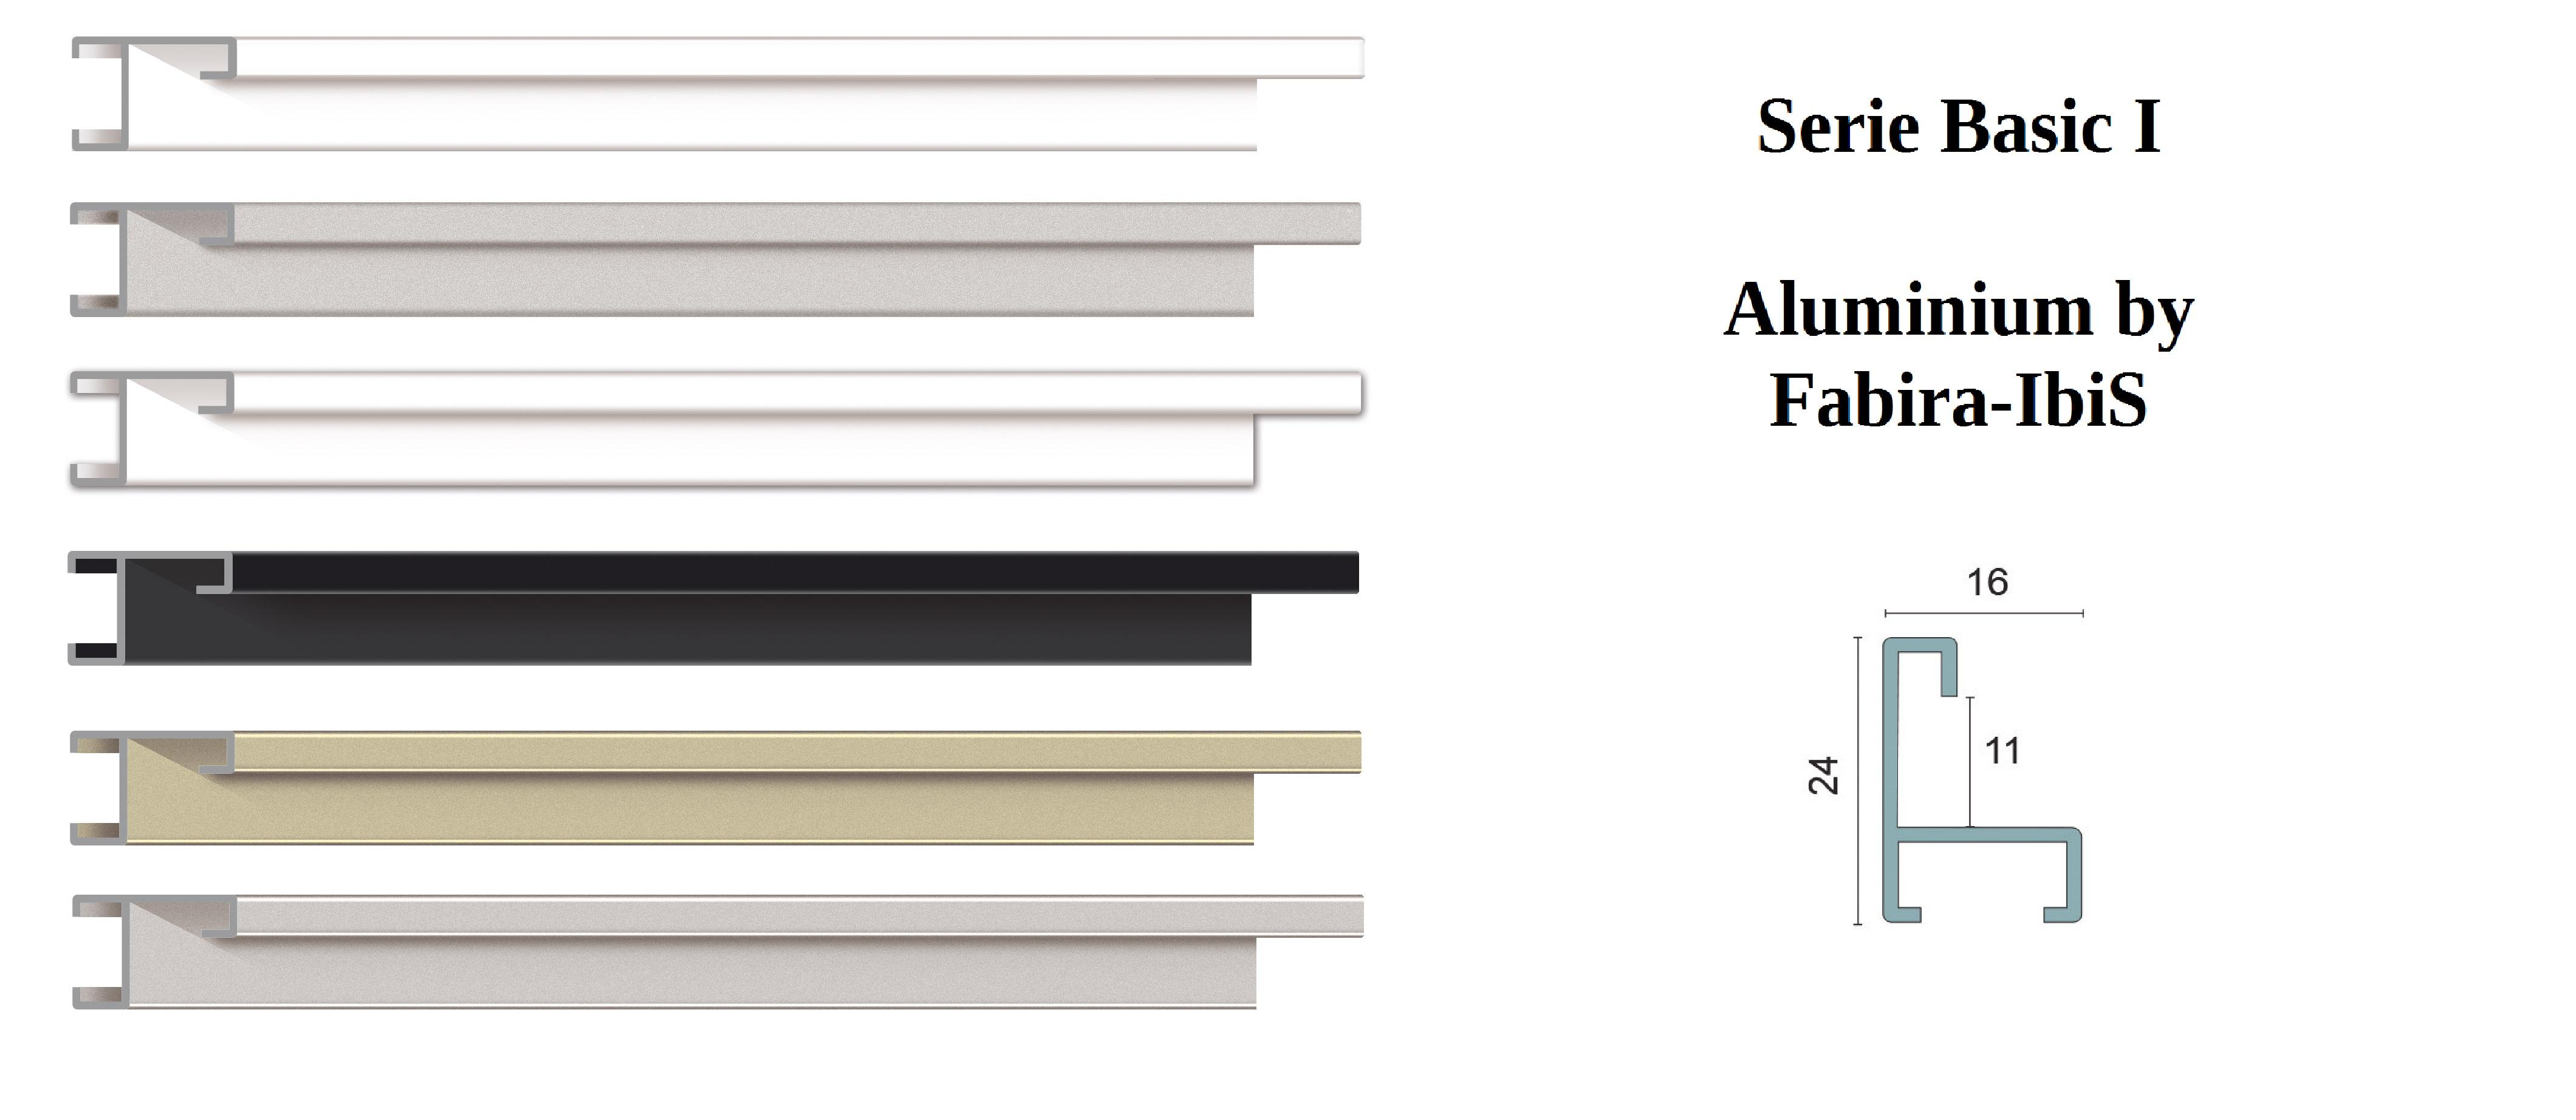 Fabira-IbiS Aluminium: Basic I